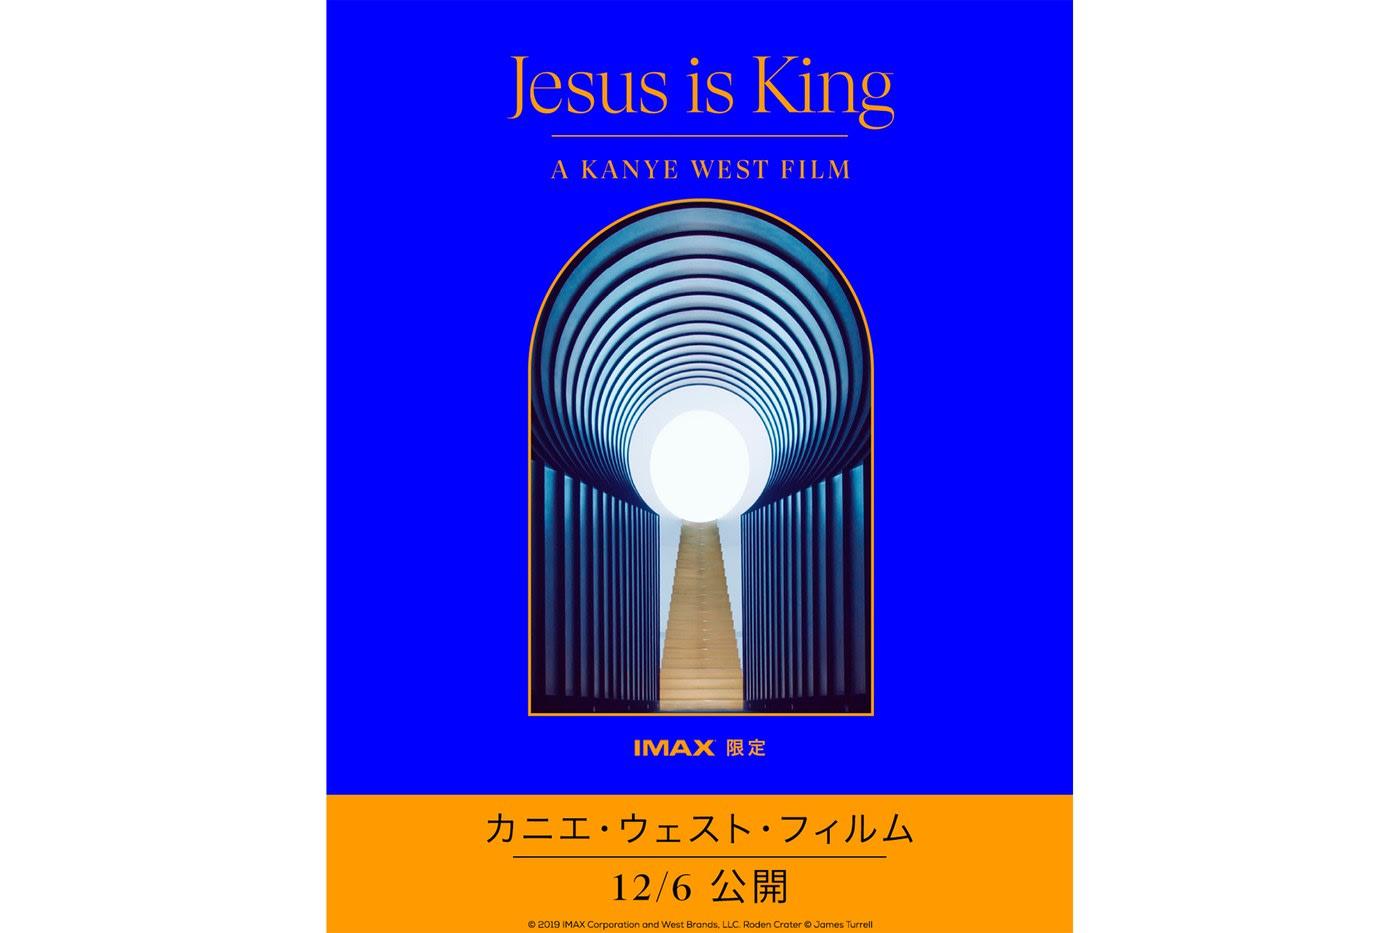 ストリートなイベント【東京】IMAX 映画『ジーザス・イズ・キング』 Kanye Westのドキュメンタリー映画の日本公開が決定!